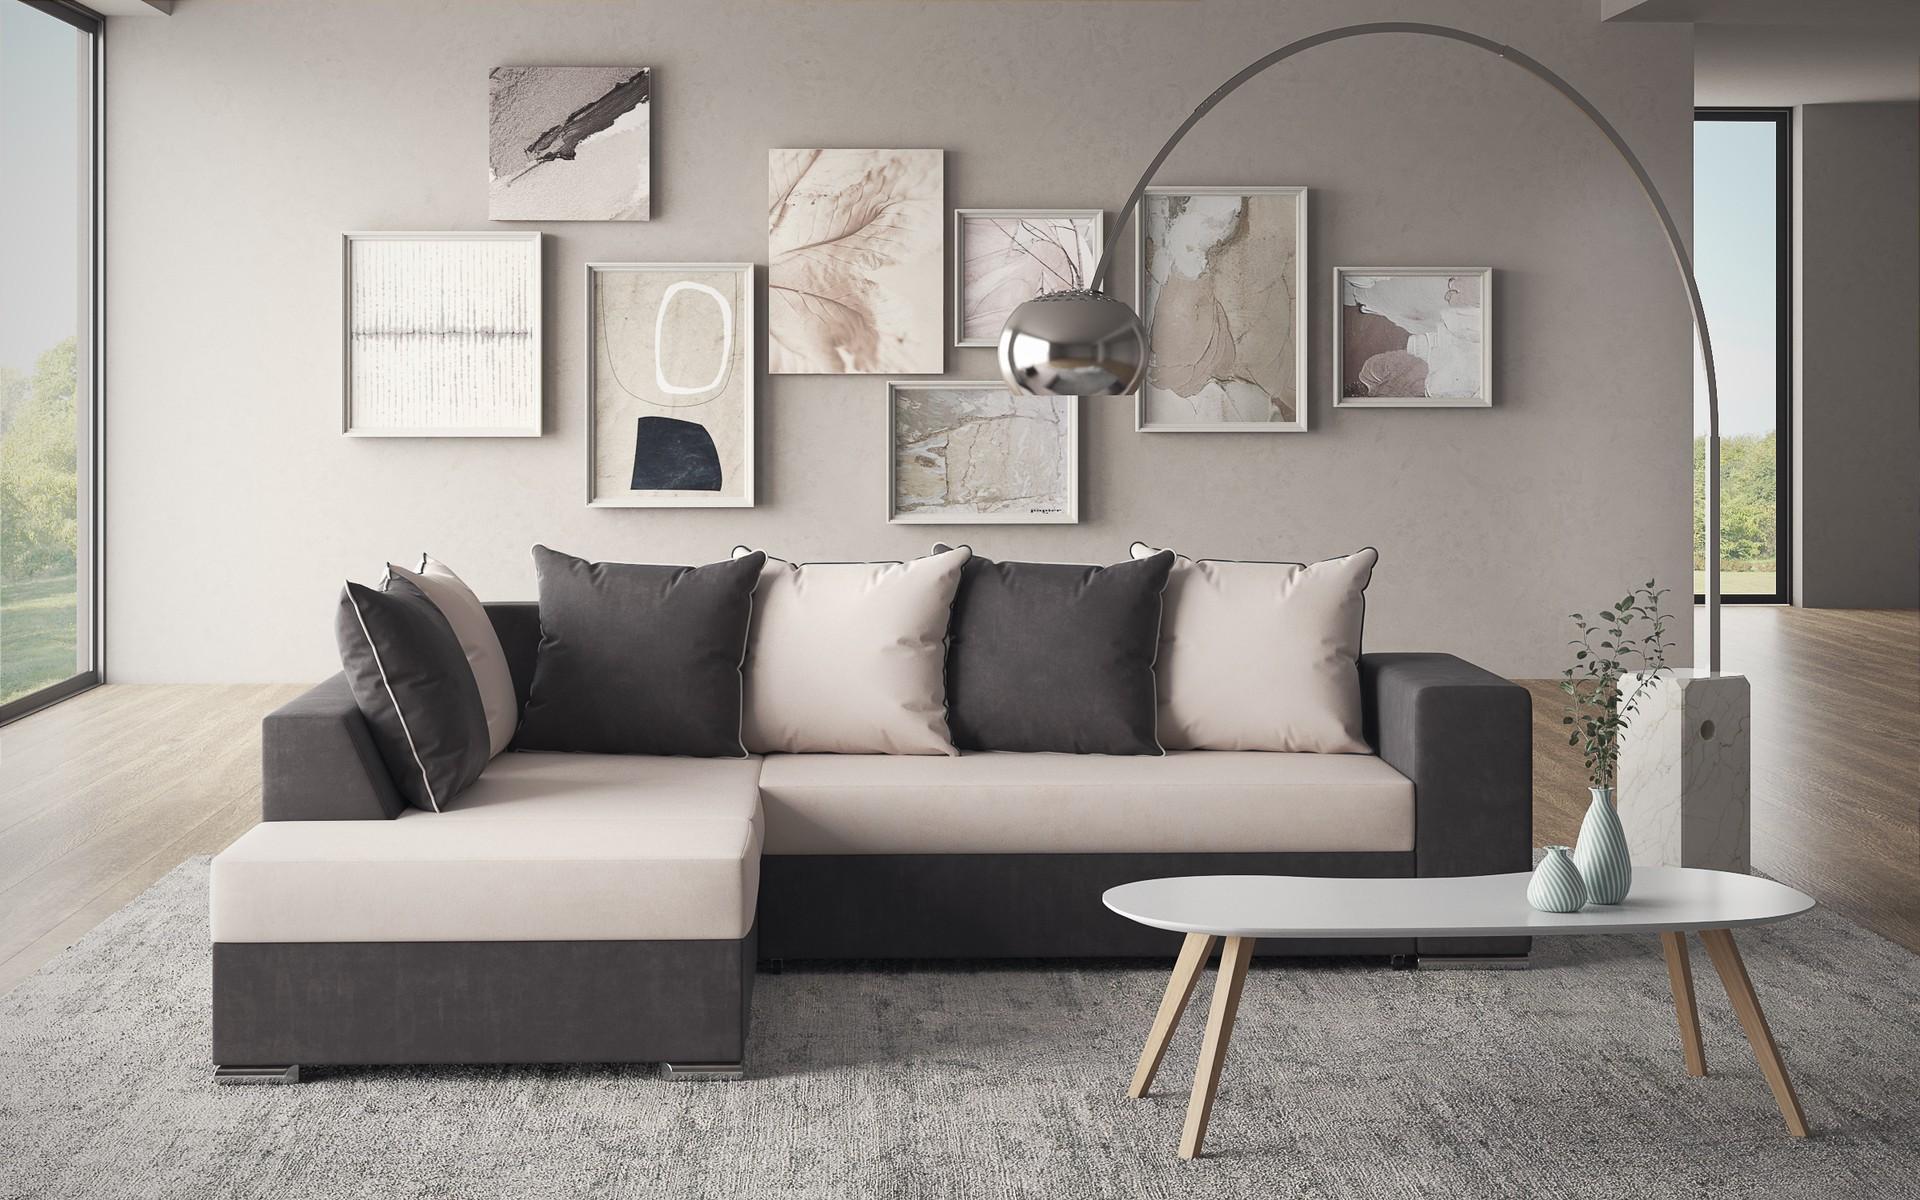 Разтегателен диван Еворио + табуретка , светло бежово + тъмно сив